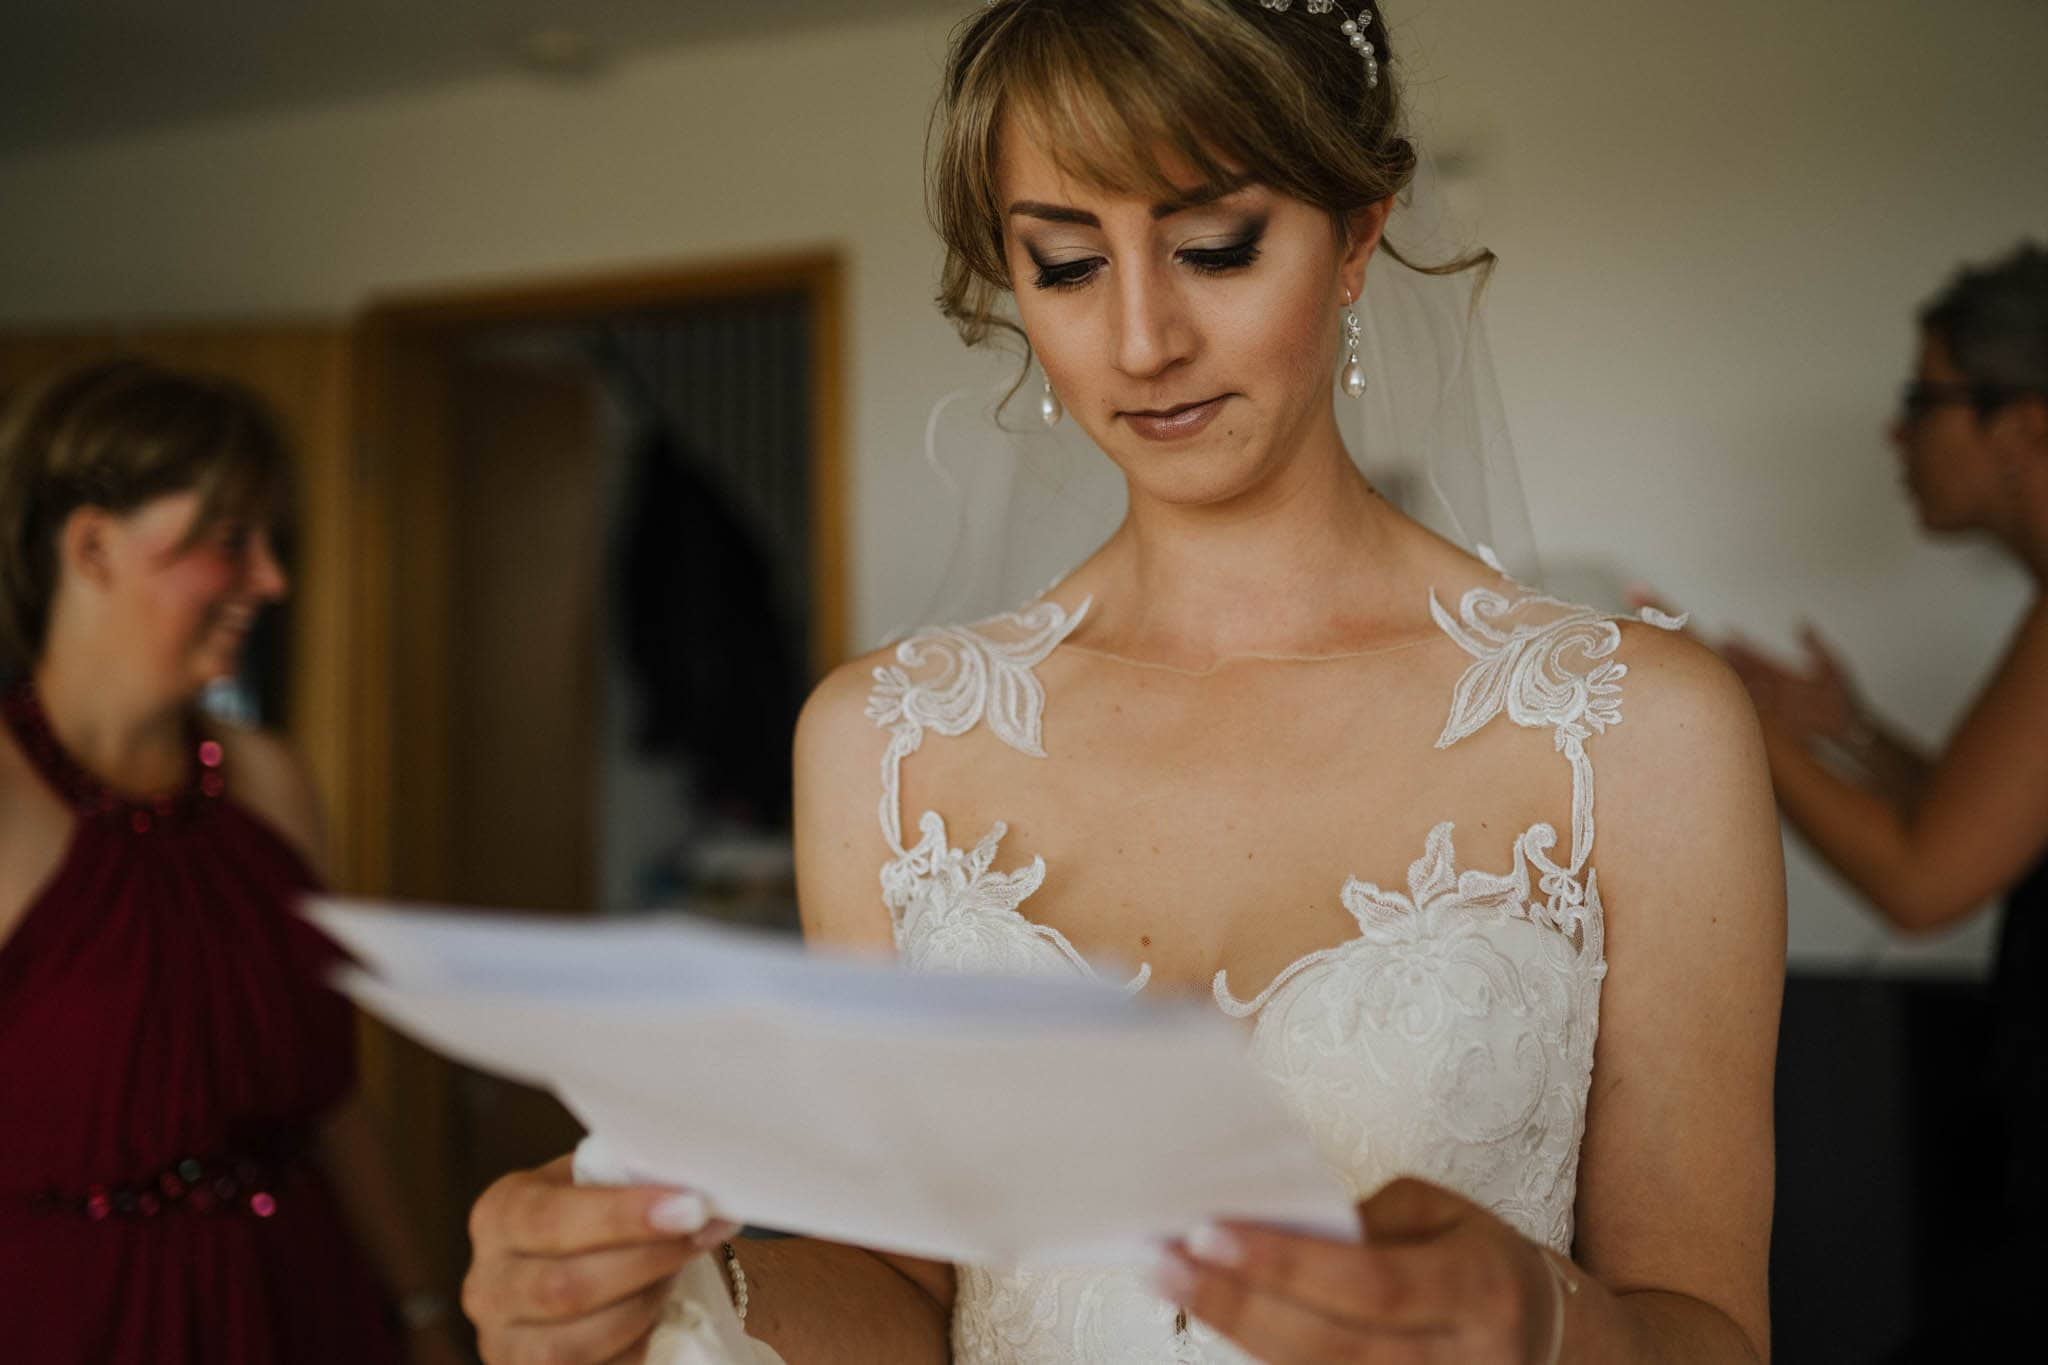 Hochzeitsfieber by Photo-Schomburg, Hoichzeitsfotograf, Hamburg, Wedding, Weddingtime, Hochzeitspaar, Braut, Bräutigam, Hochzeit im Norden,-35